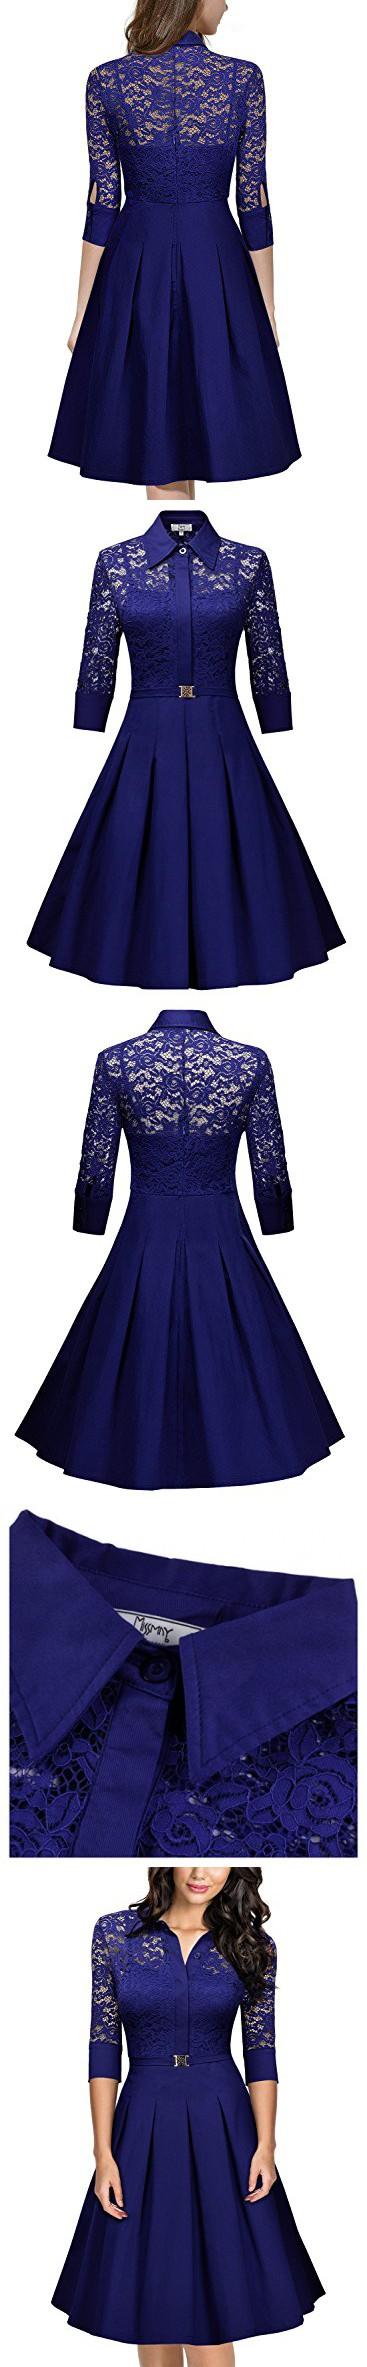 Missmay womenus vintage s style sleeve lace flare aline